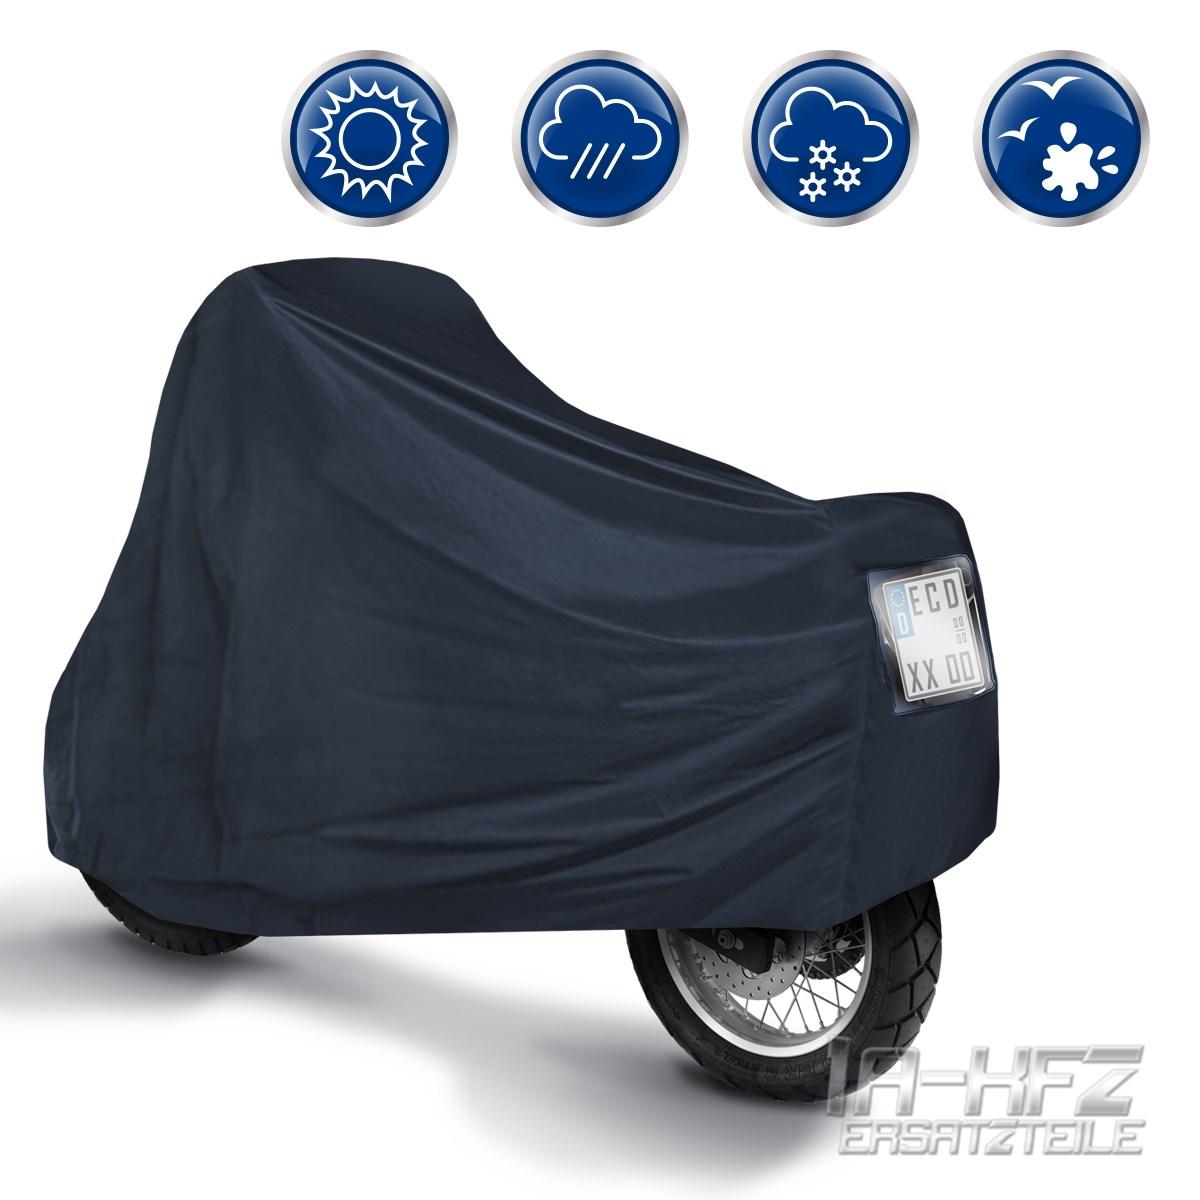 Größe Garage: Motorradgarage Motorradabdeckung Ganzgarage Größe M